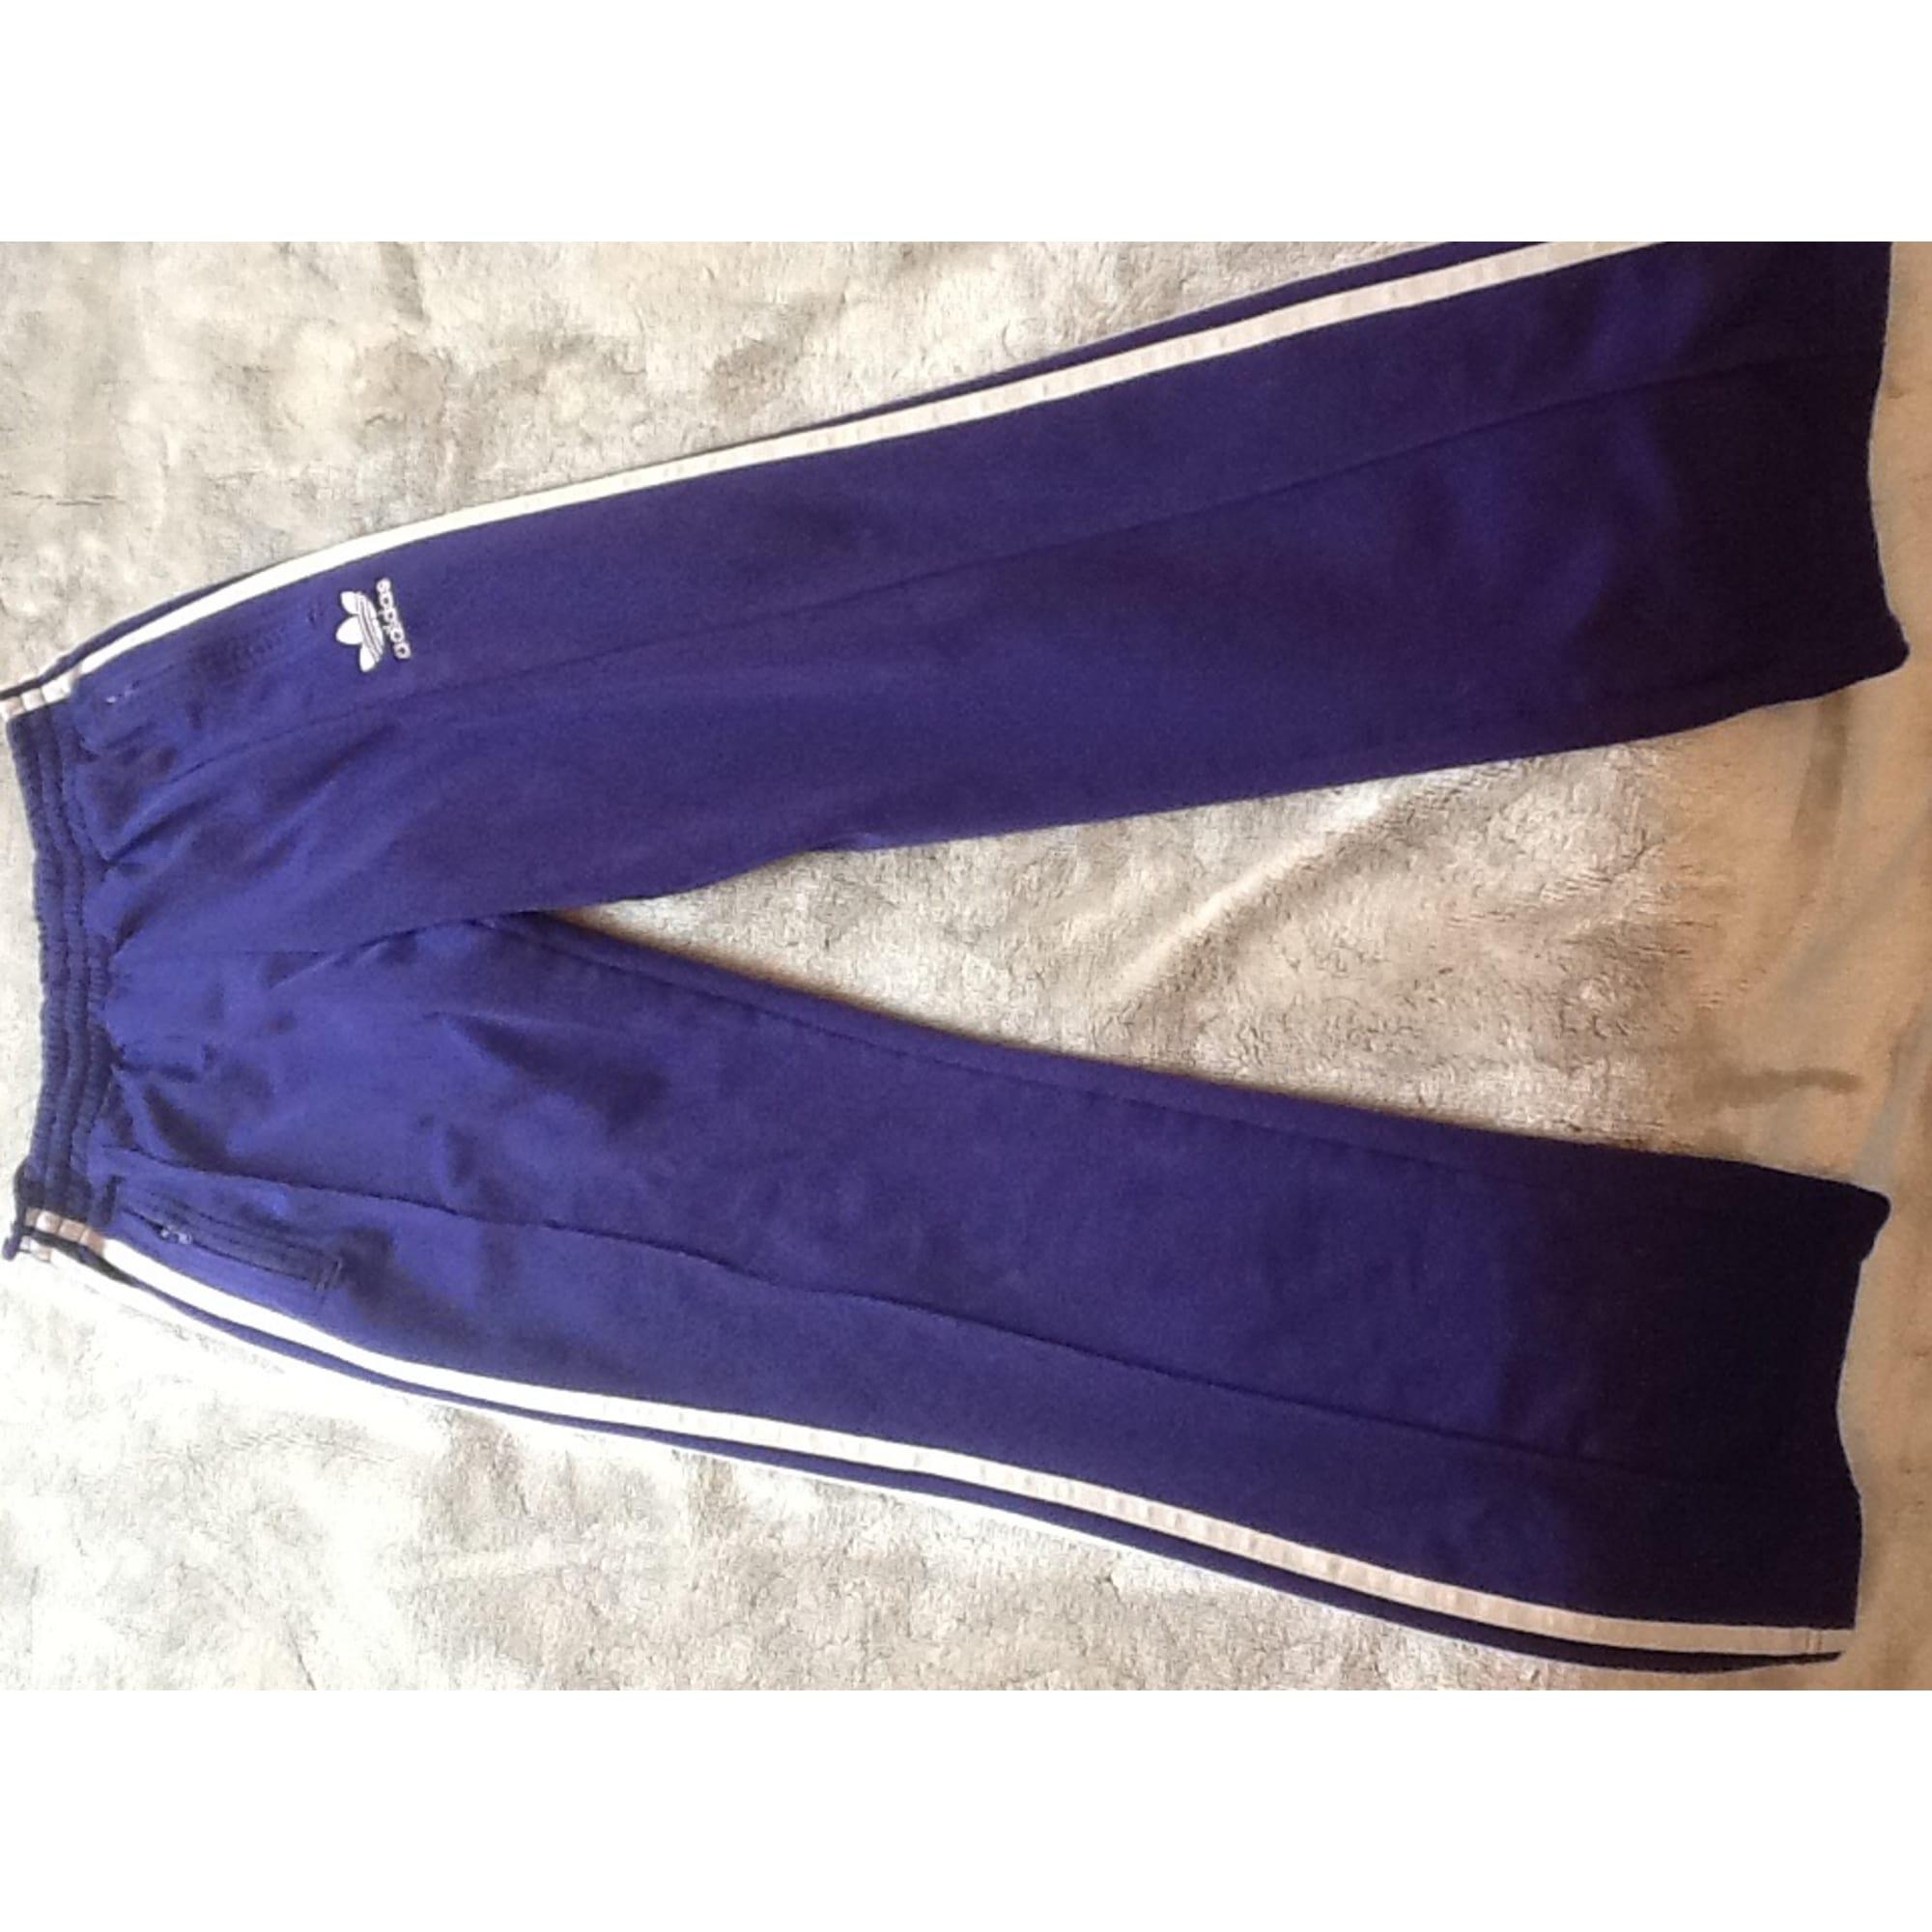 36 Vendu Survêtement Par Adidas Pantalon s T1 Violet De qxAnpnZwtv